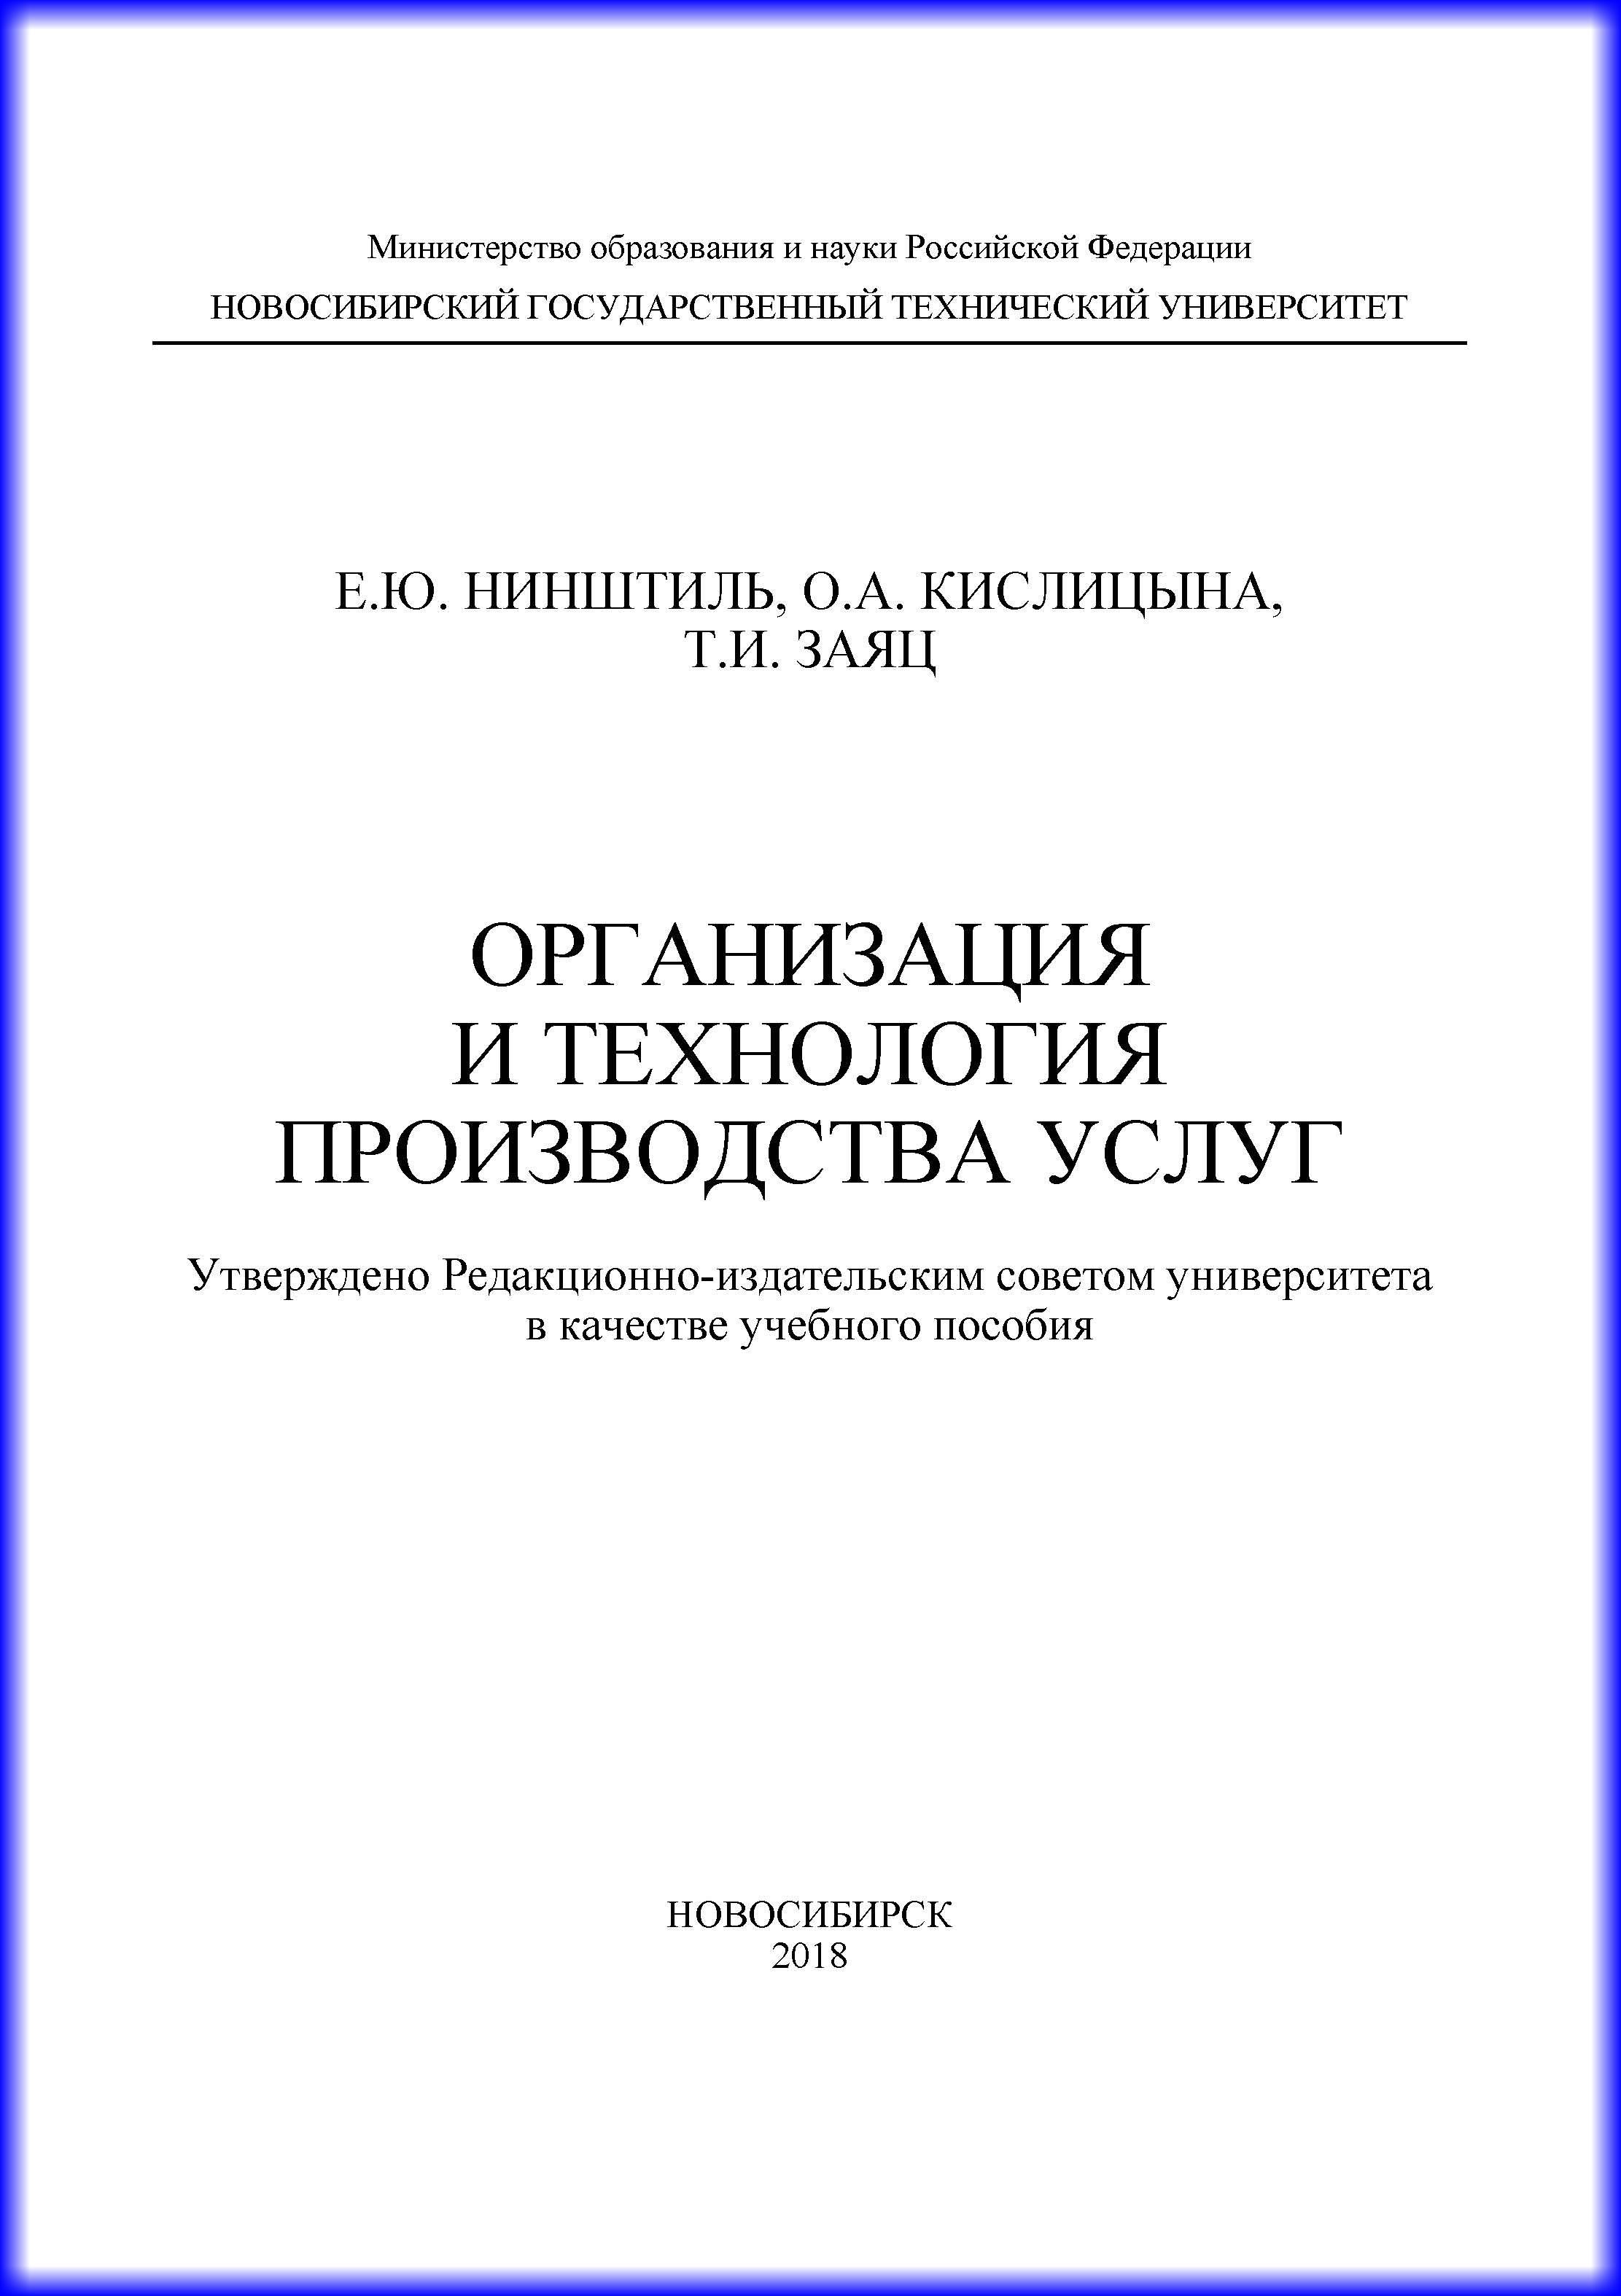 О. А. Кислицына Организация и технология производства услуг цены